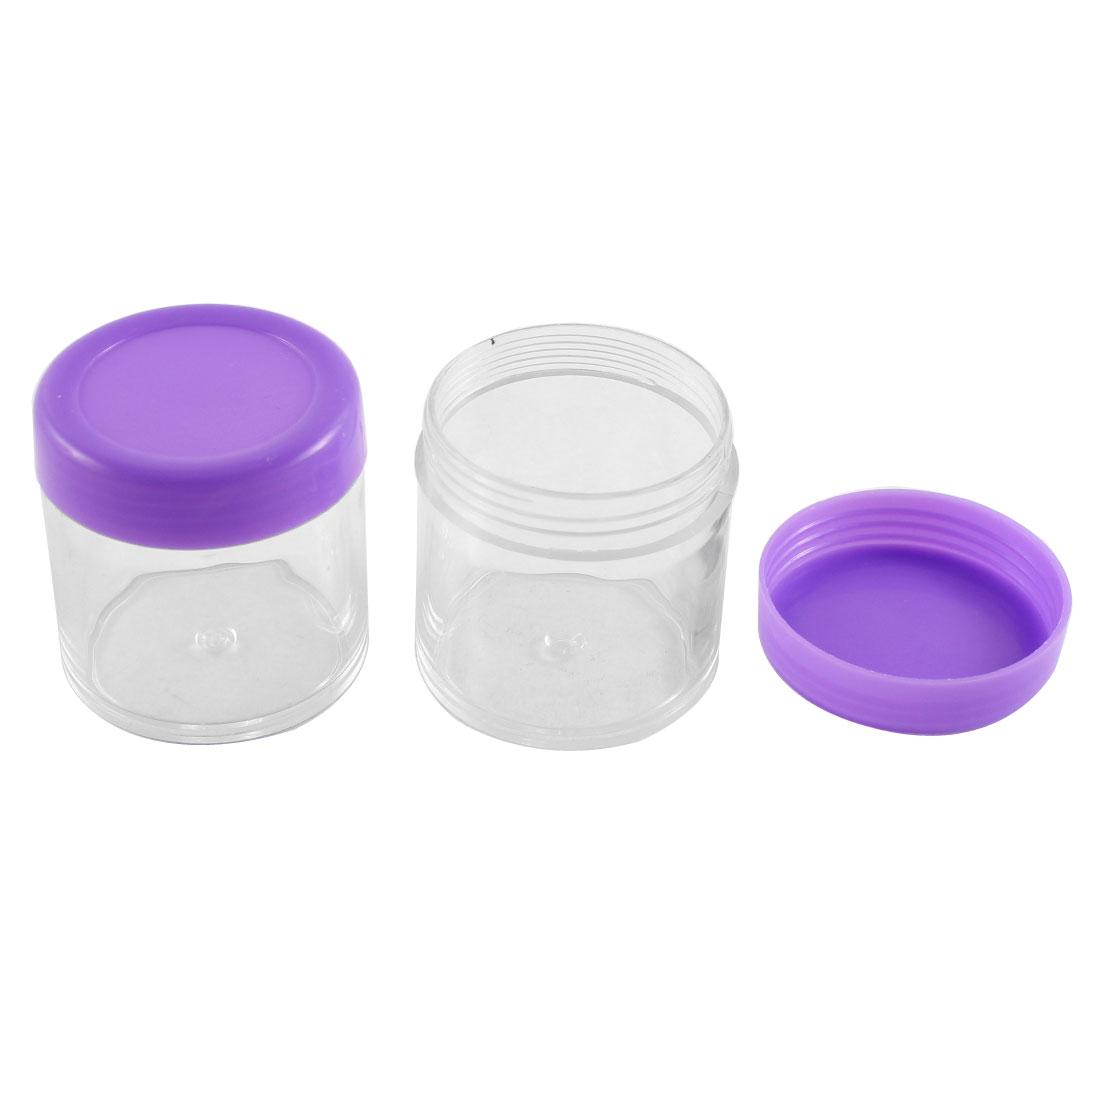 2Pcs Plastic Clear Cream Jar Lotion Bottle Makeup Container Purple